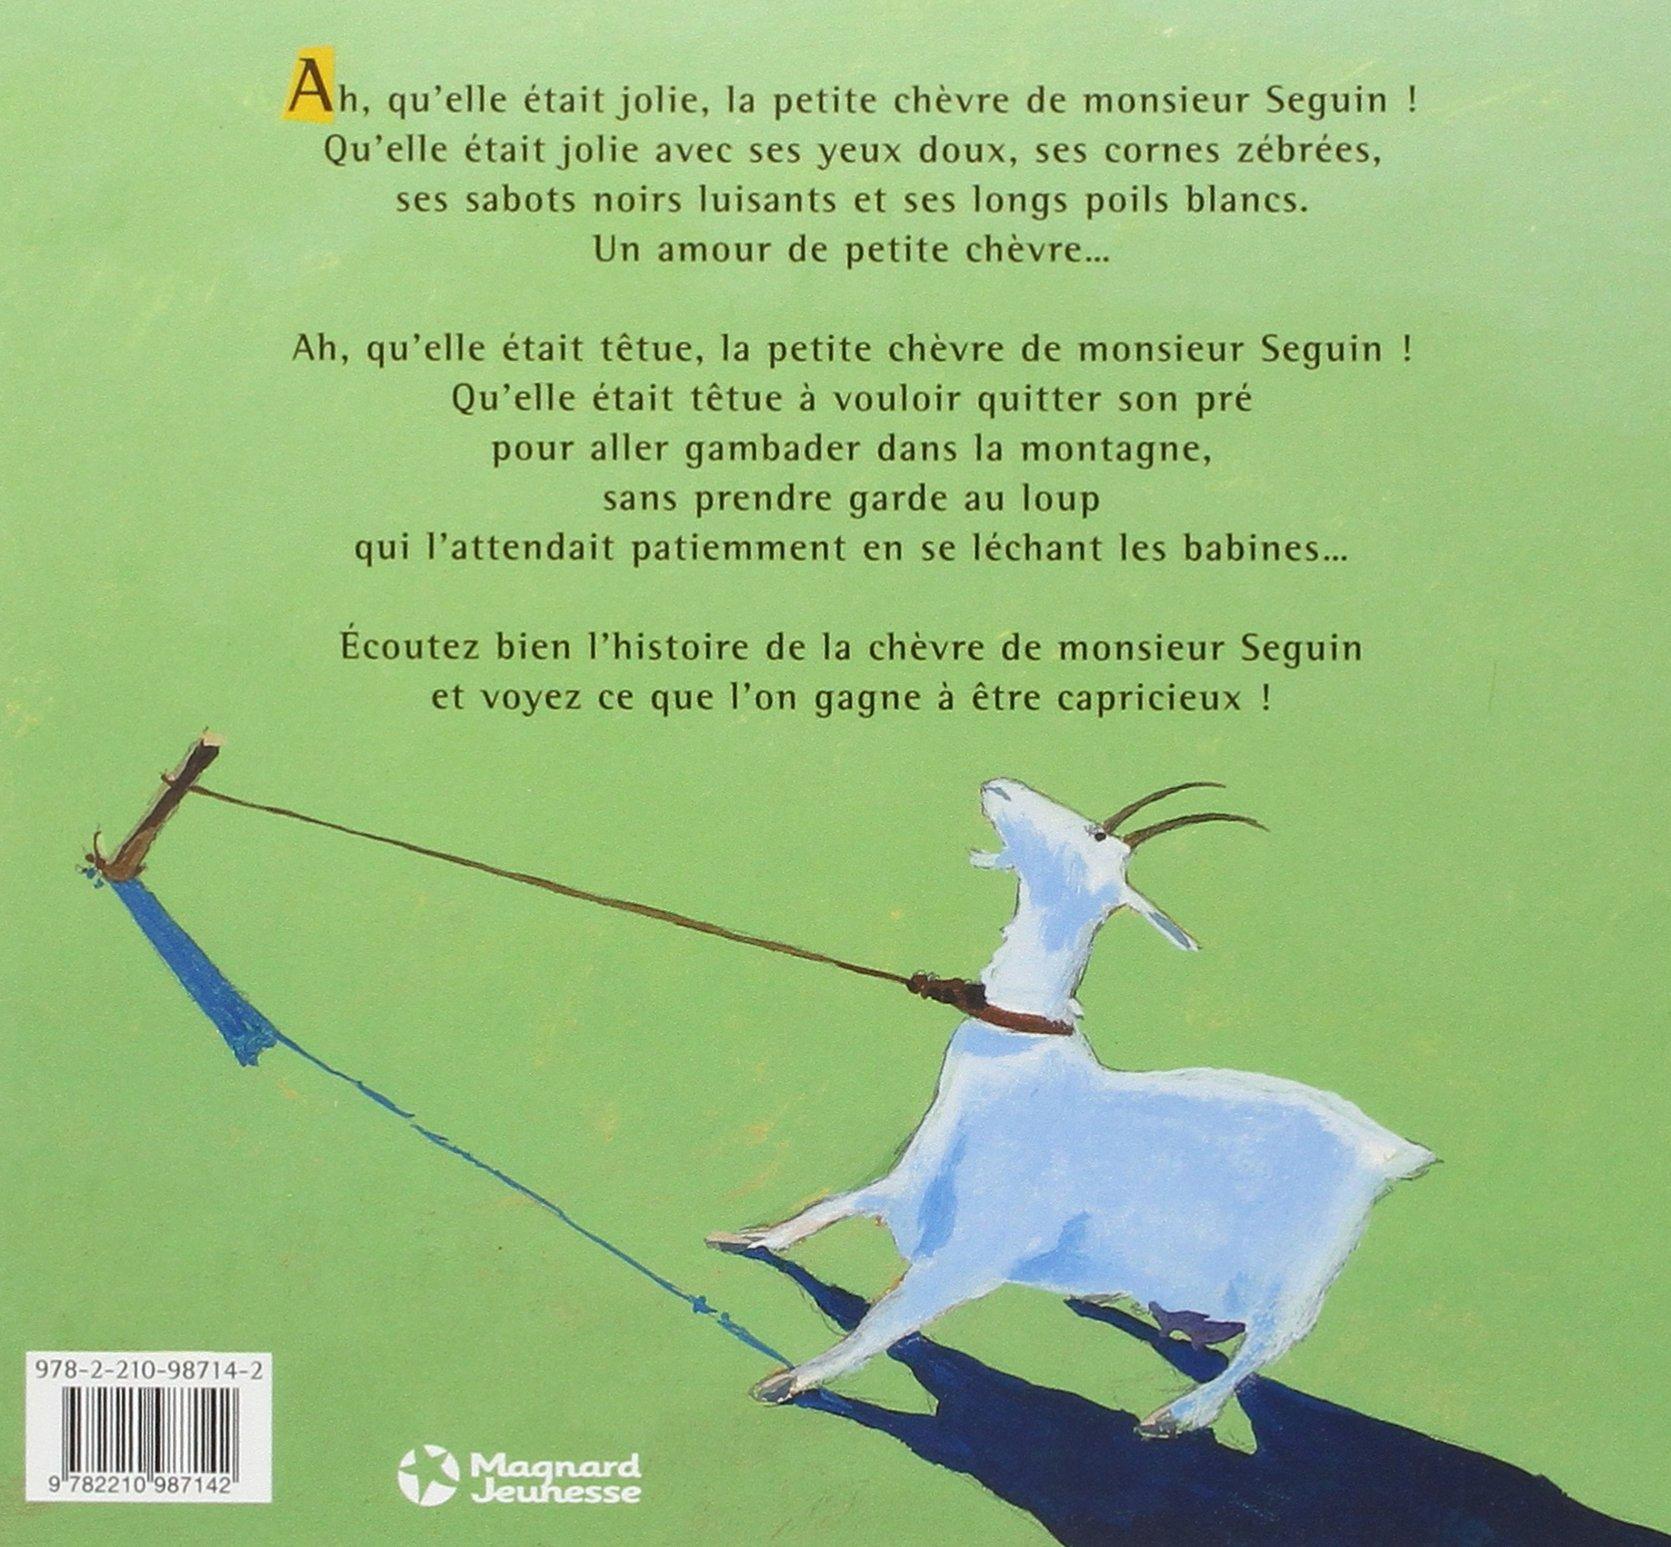 Uncategorized Monsieur Seguin la chevre de monsieur seguin french edition alphonse daudet arnaud madelenat 9782210987142 amazon com books